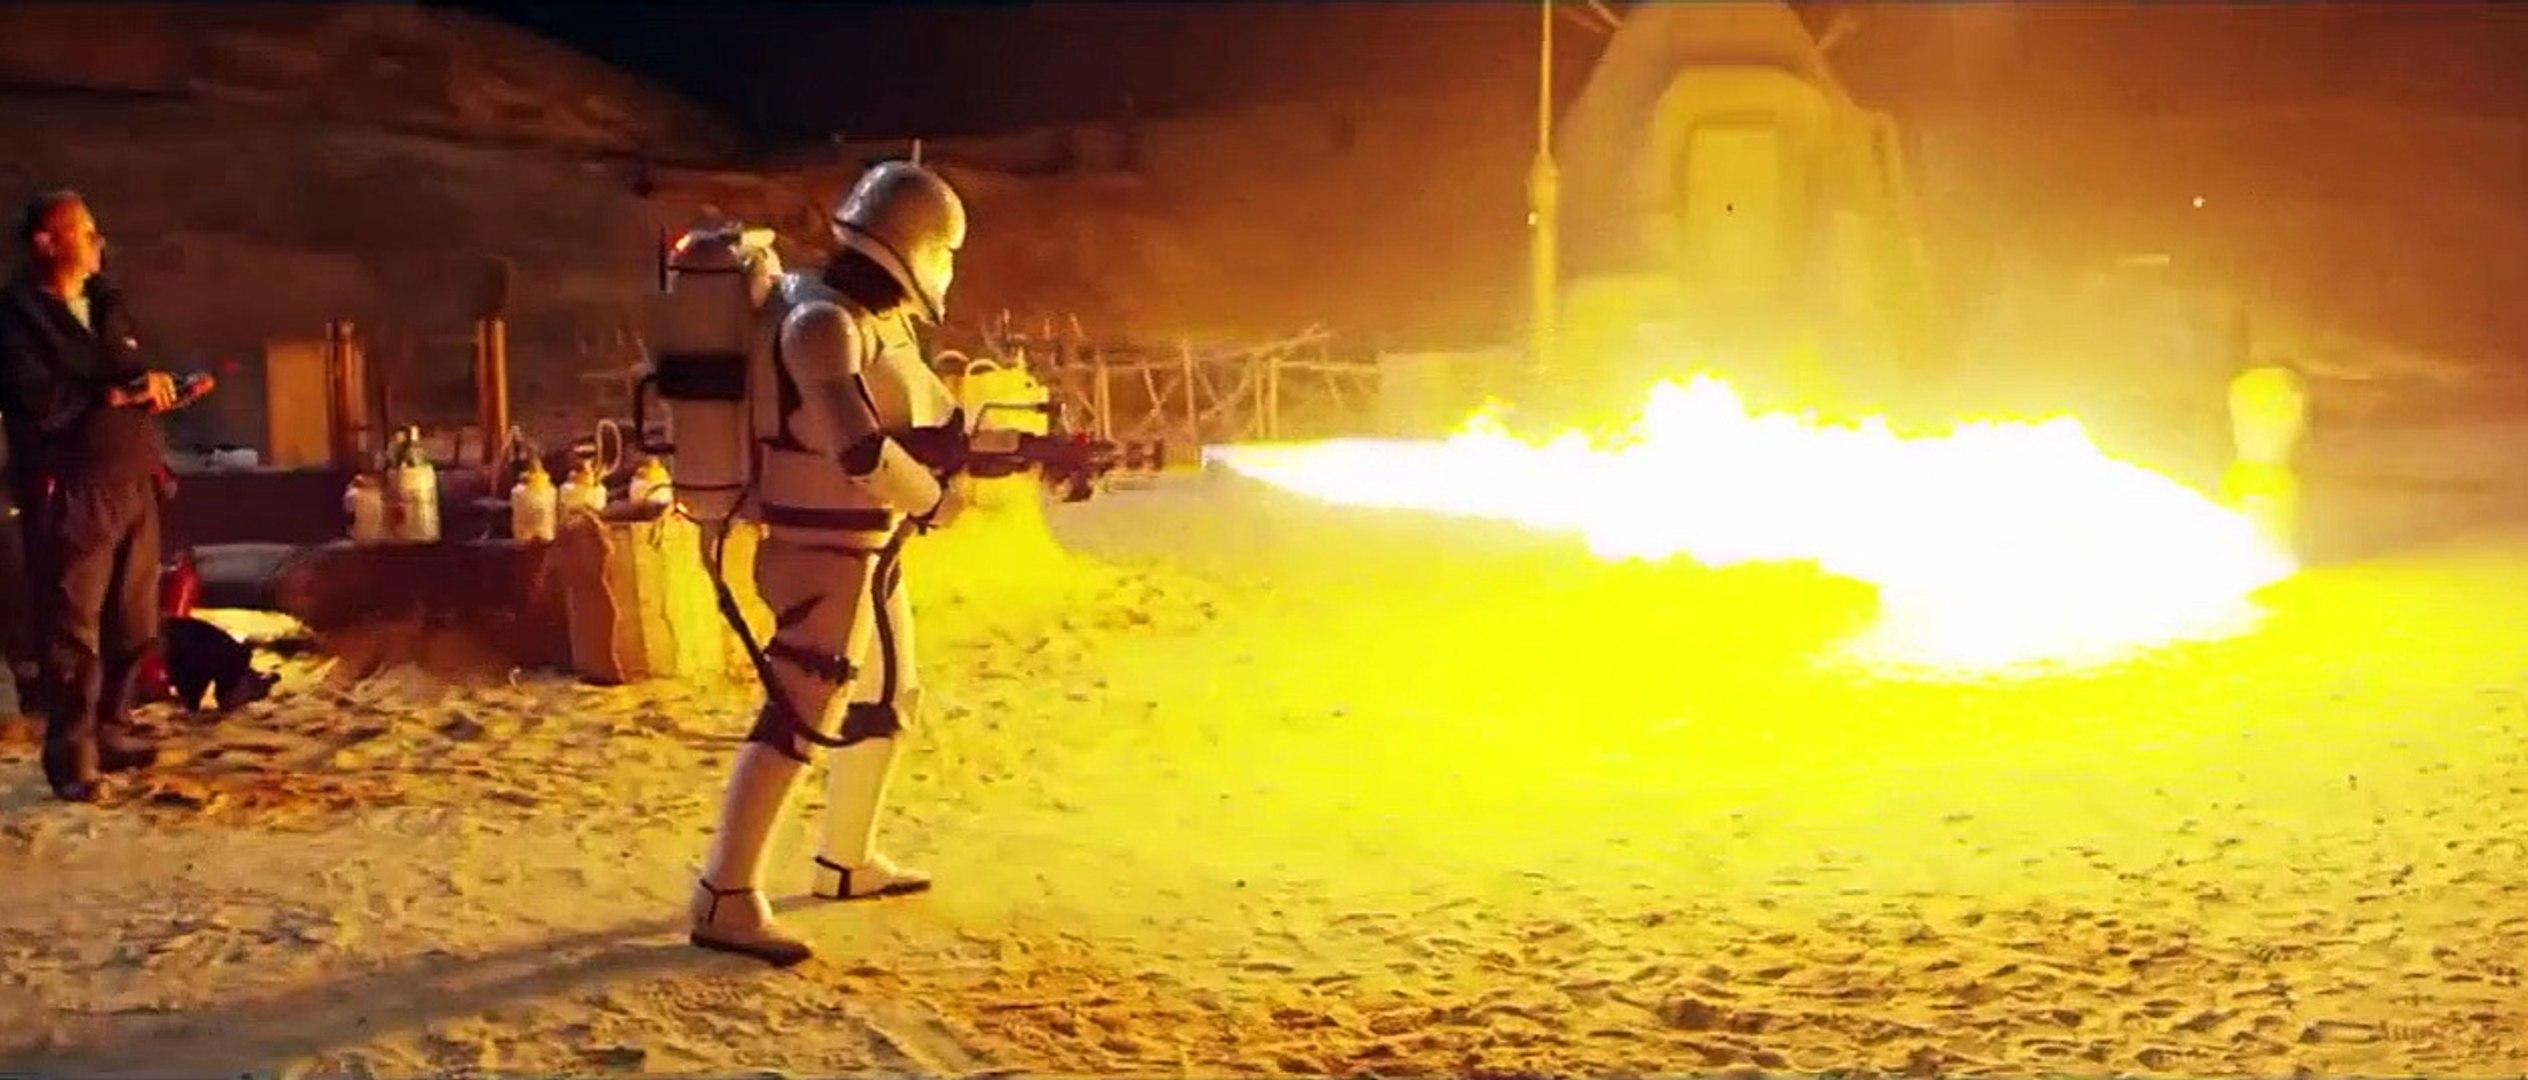 Yıldız Savaşları: Bölüm VII SET GÖRÜNTÜLERİ - Tür